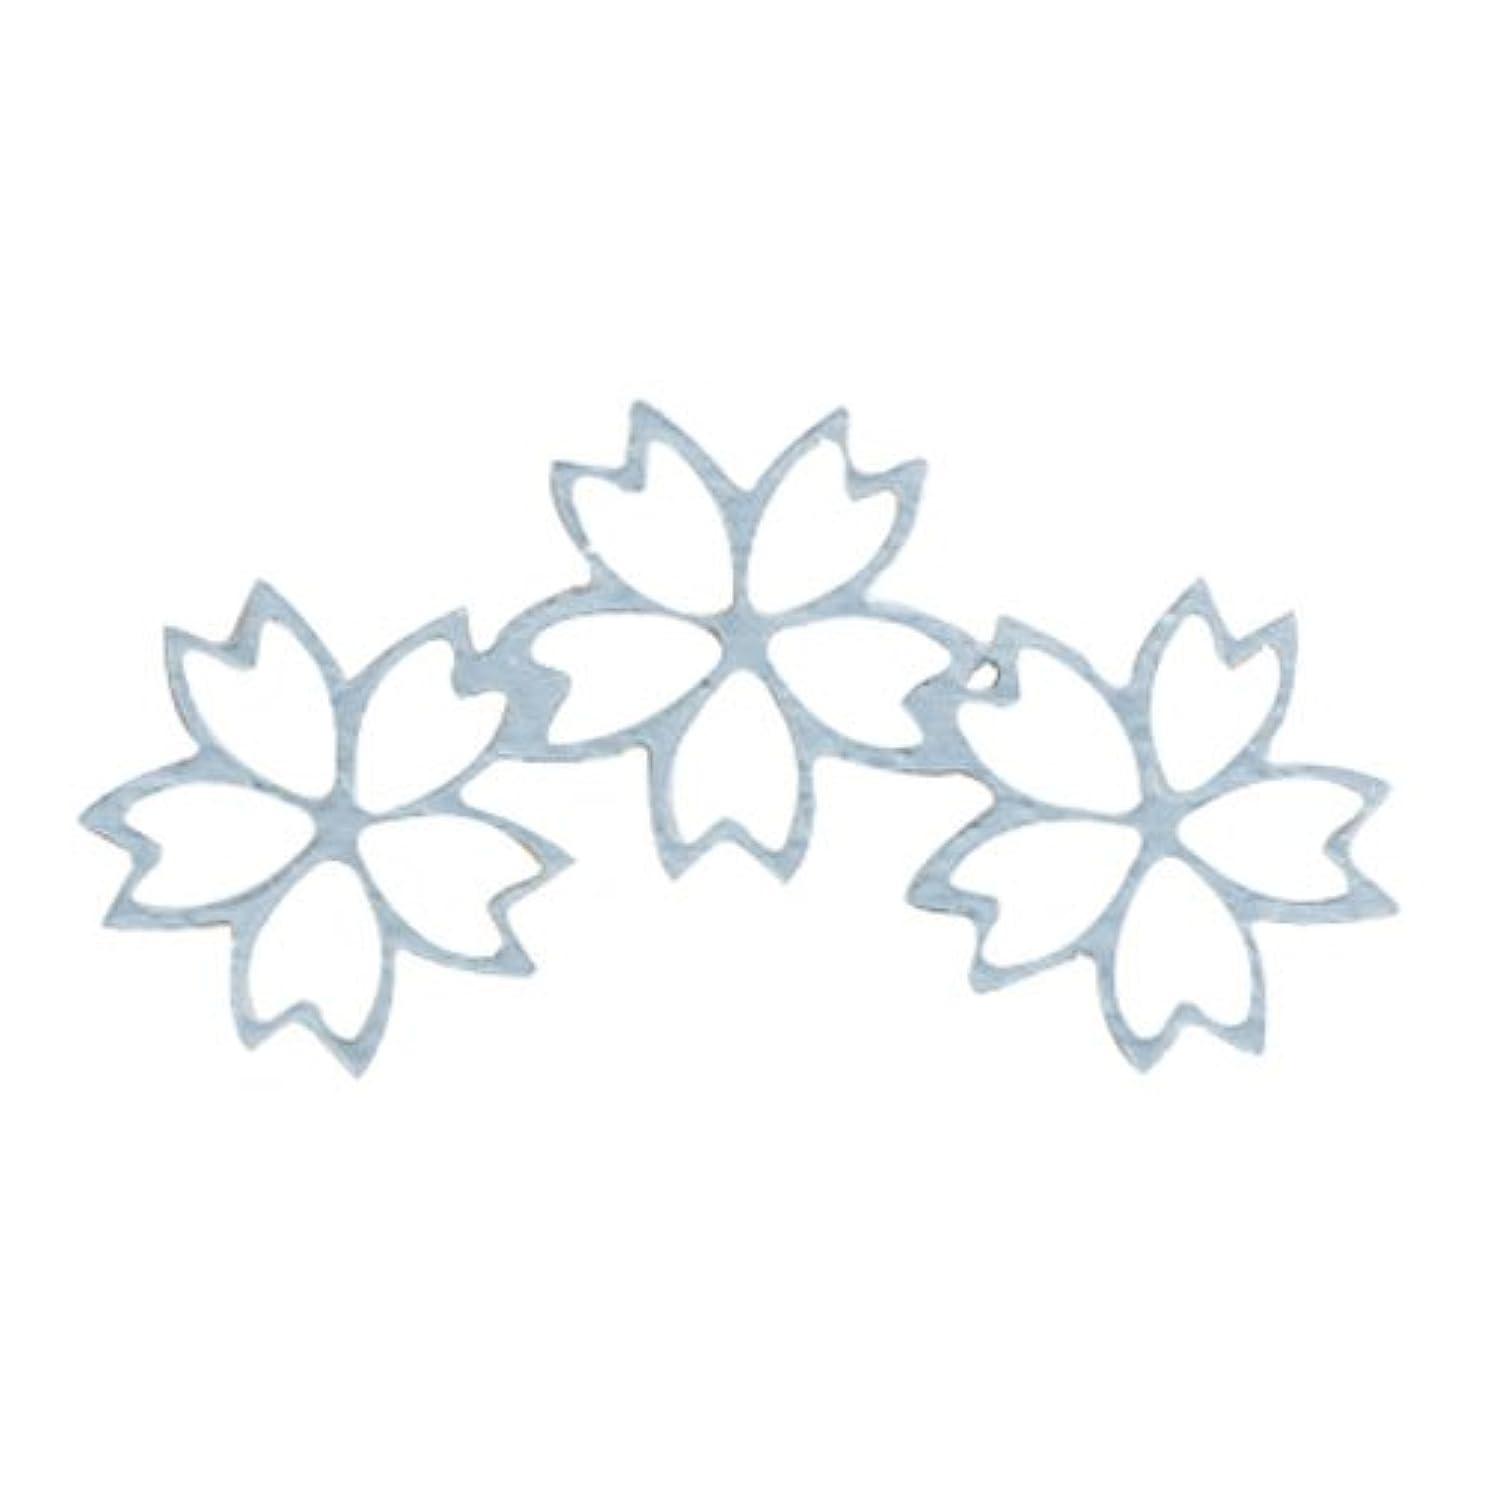 概念モネ燃やすリトルプリティー ネイルアートパーツ チェリーブロッサム3連スカシ シルバー 10個